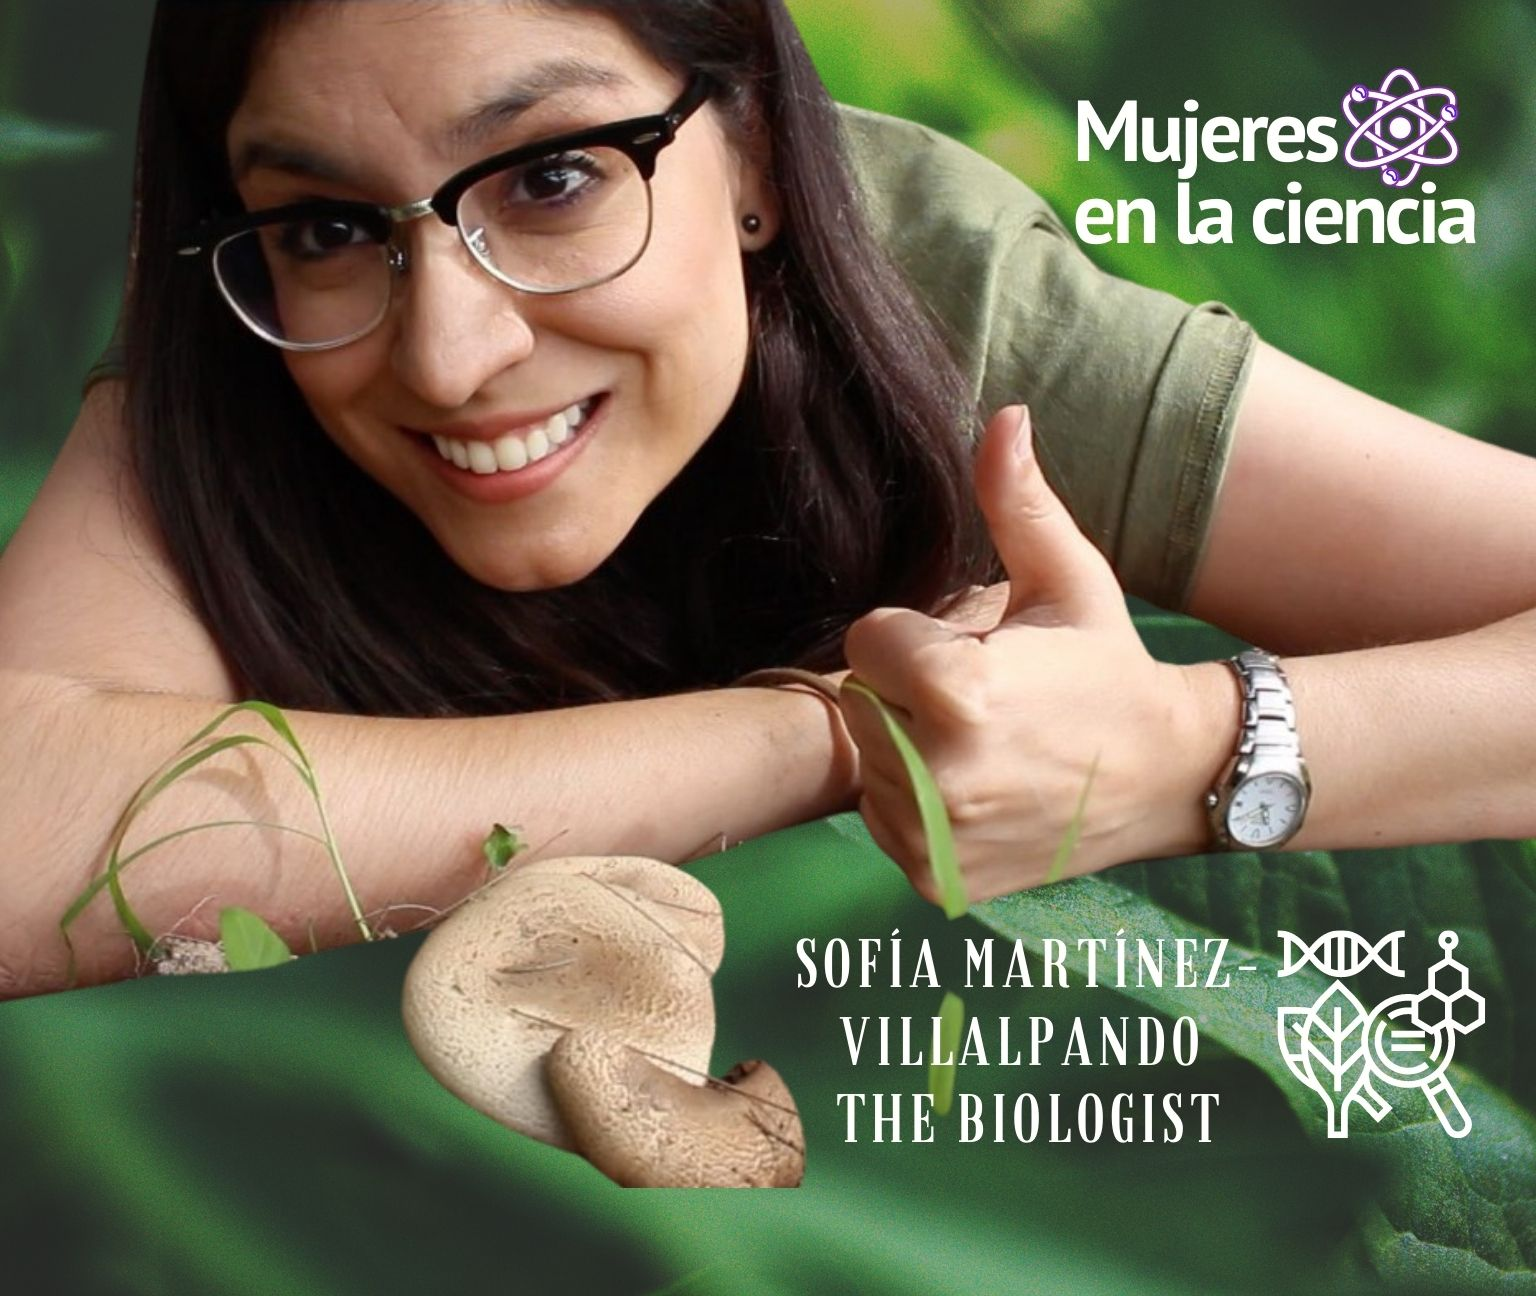 Sofía Martínez-Villalpando: Mujeres edutubers, el rostro de las científicas en el Internet